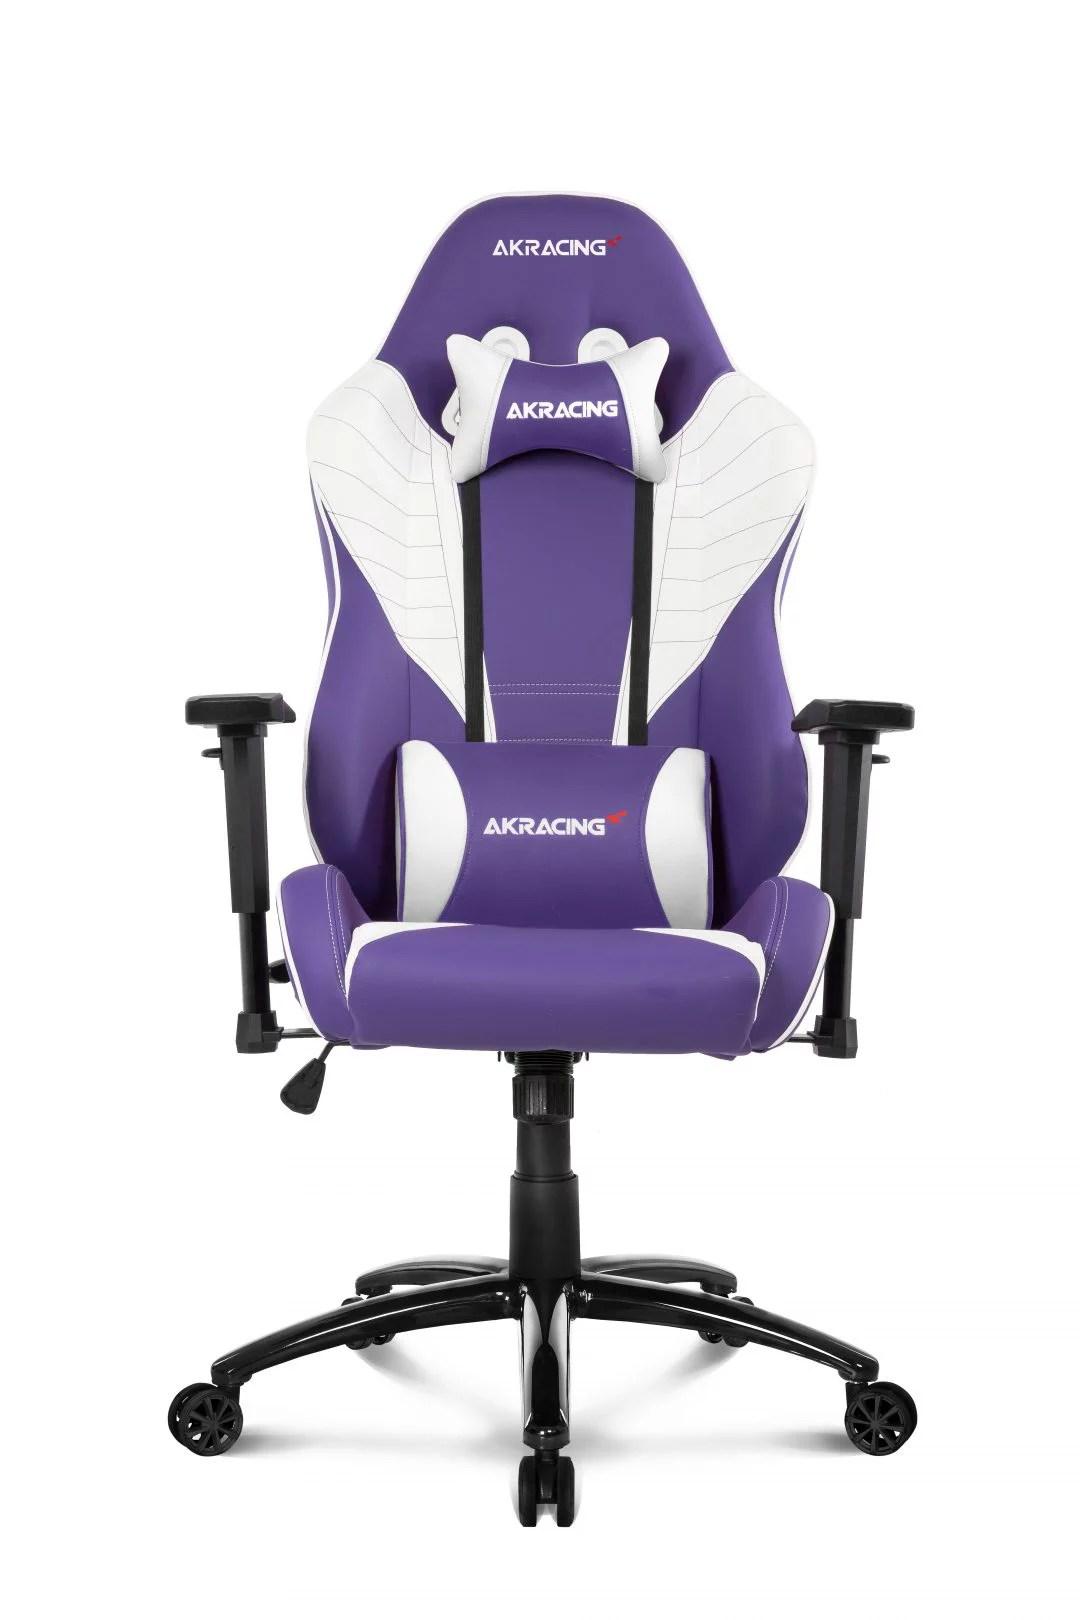 Lavender Gaming Chair : lavender, gaming, chair, AKRacing, Gaming, Chair,, Lavender, Walmart, Inventory, Checker, BrickSeek